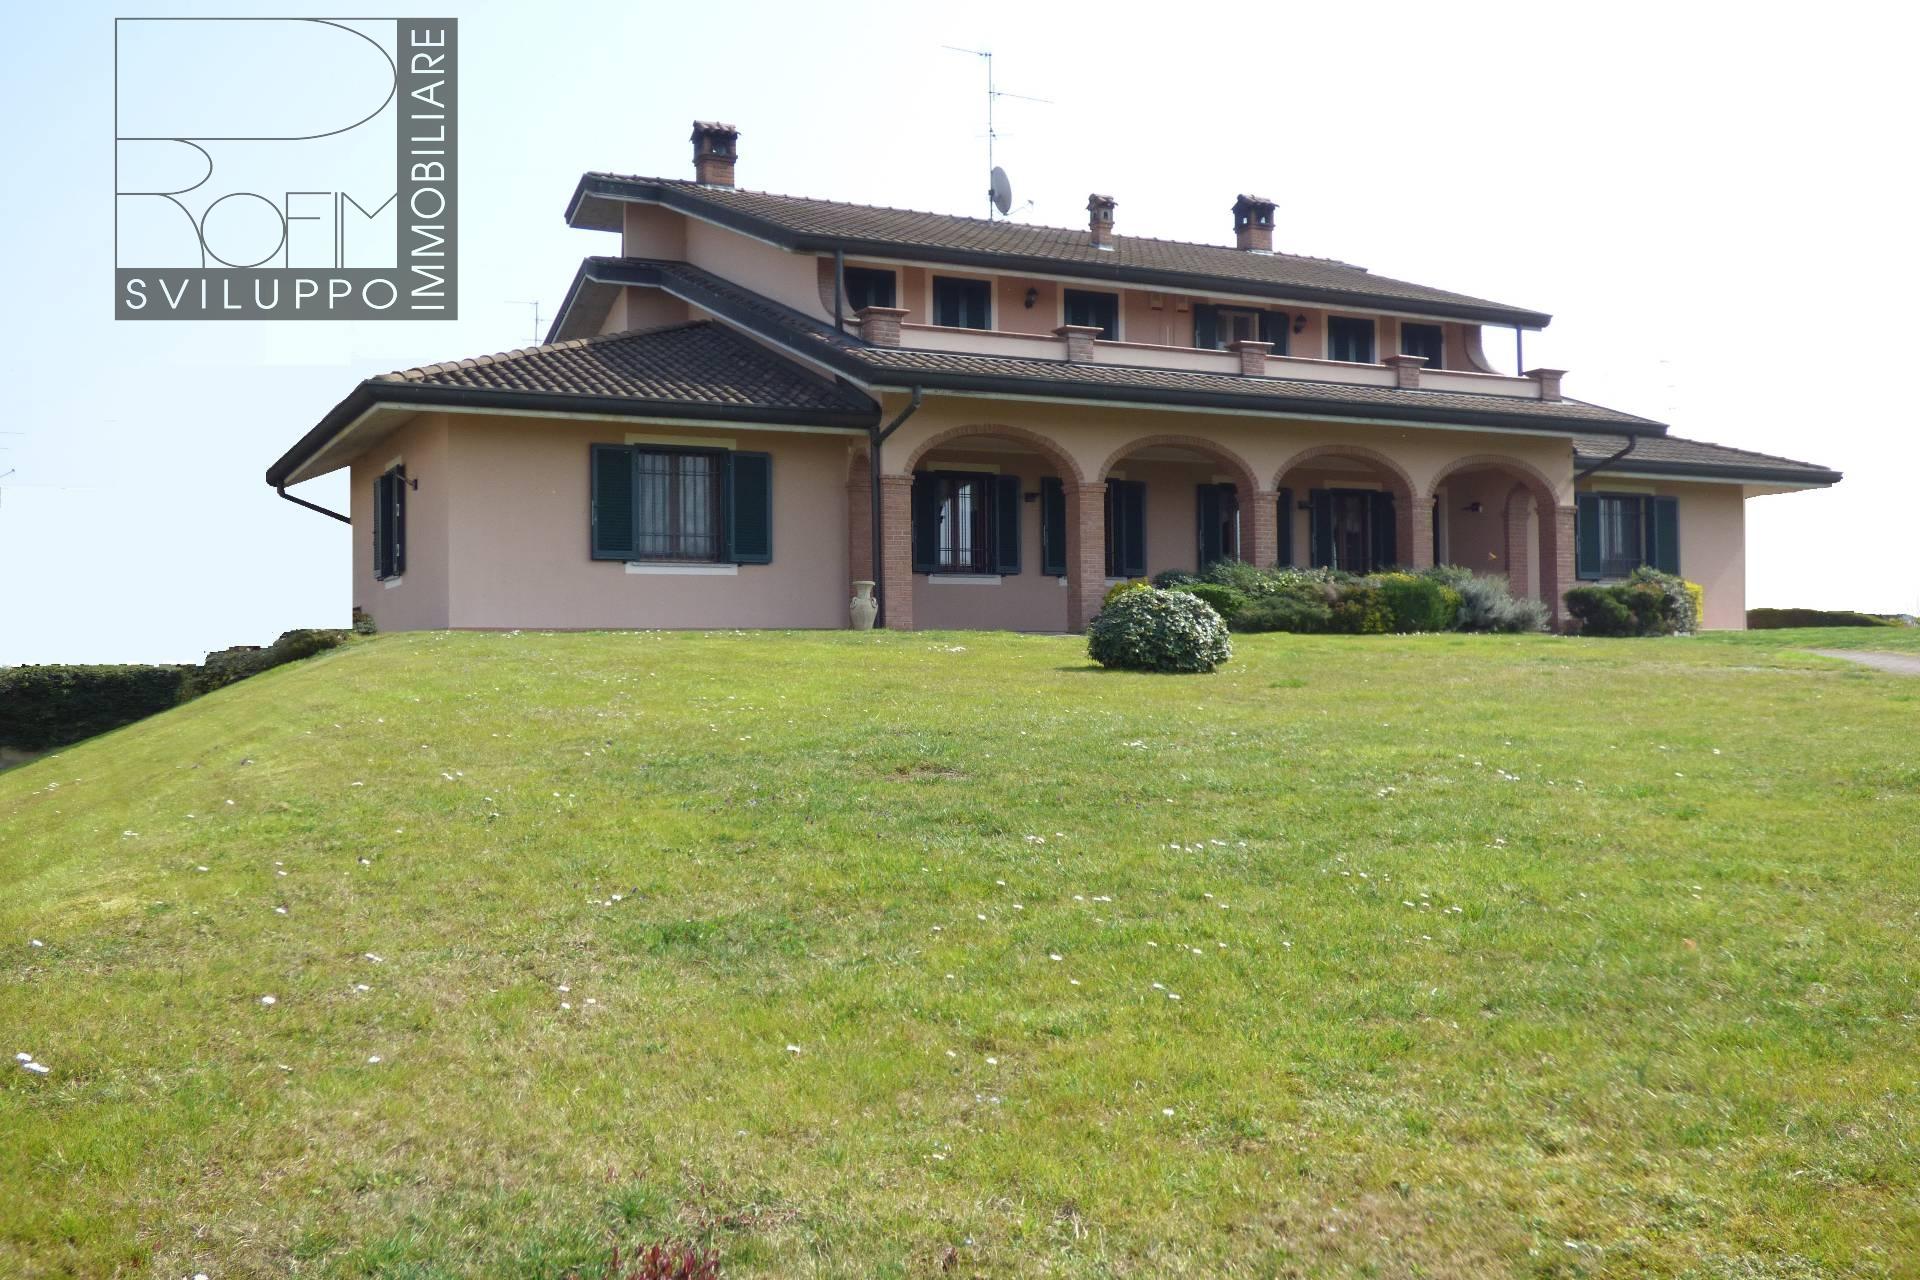 Villa in vendita a Zelo Buon Persico, 12 locali, prezzo € 730.000 | CambioCasa.it